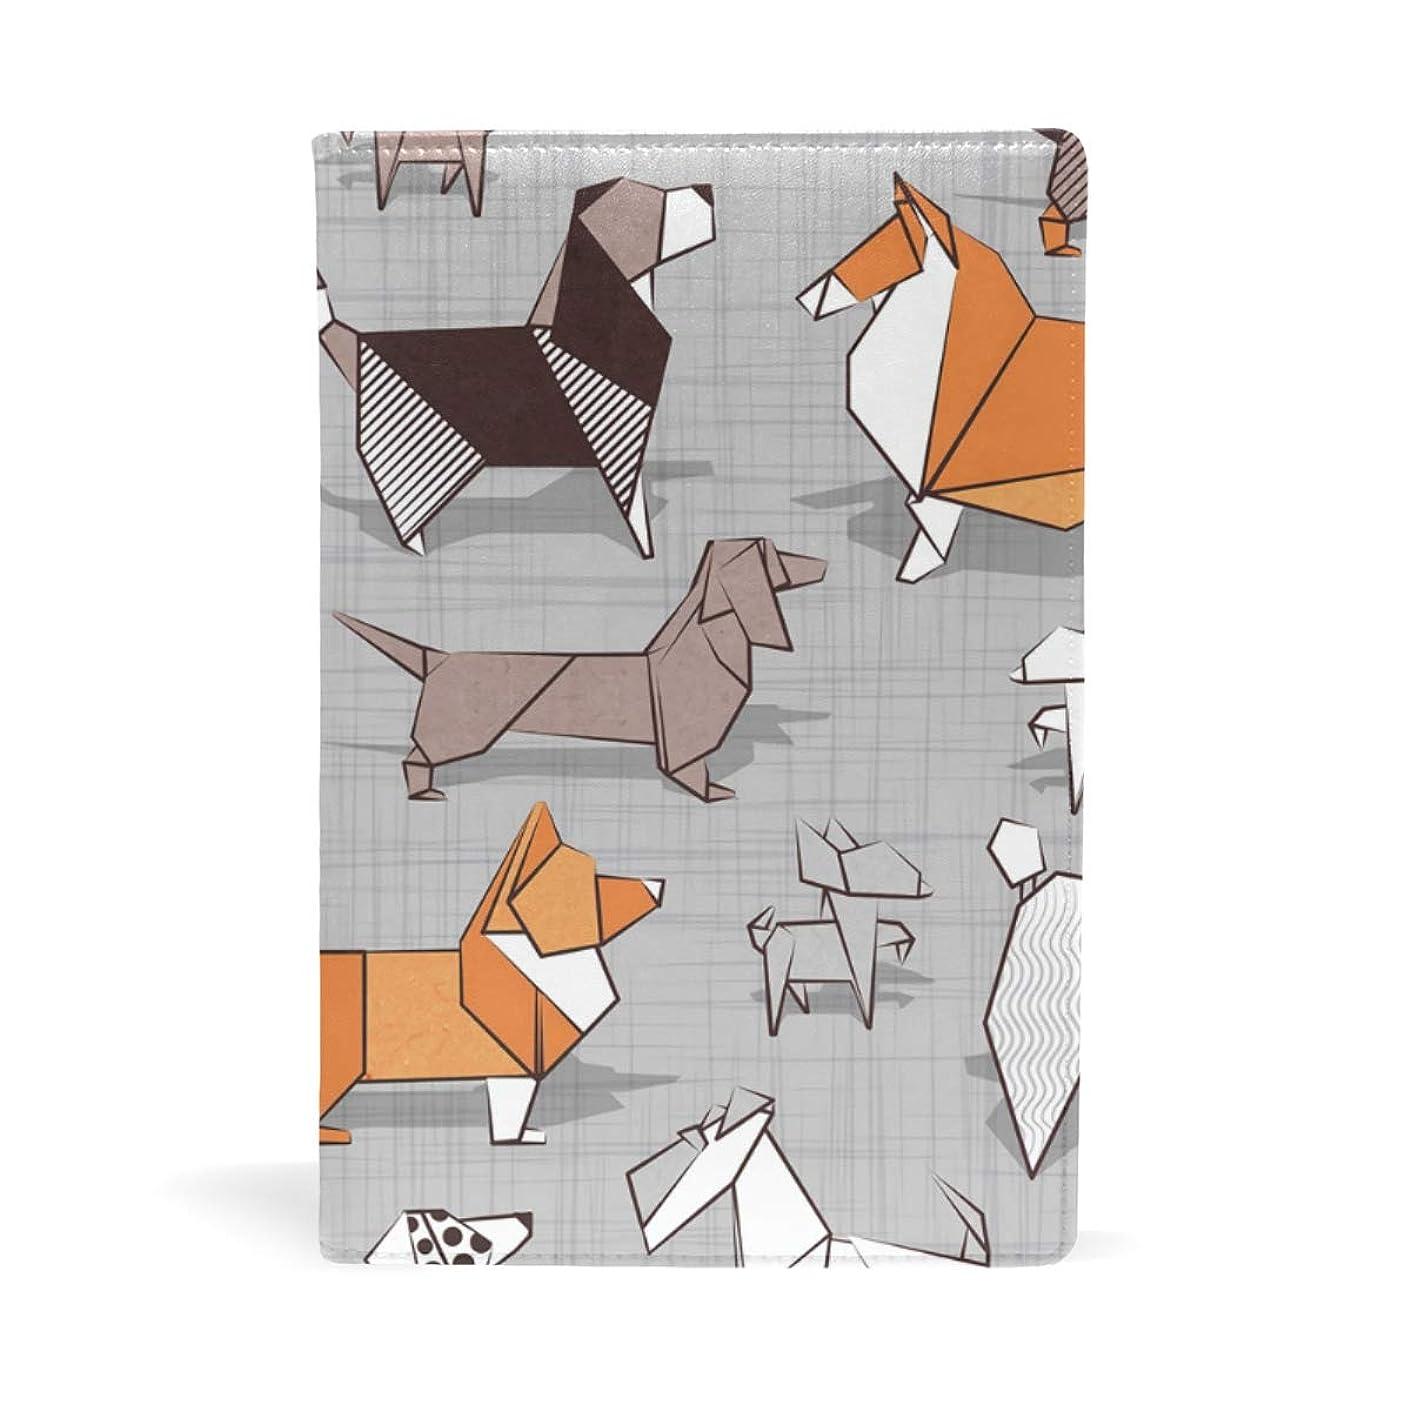 明確な突破口摩擦折り紙の犬 ブックカバー 文庫 a5 皮革 おしゃれ 文庫本カバー 資料 収納入れ オフィス用品 読書 雑貨 プレゼント耐久性に優れ